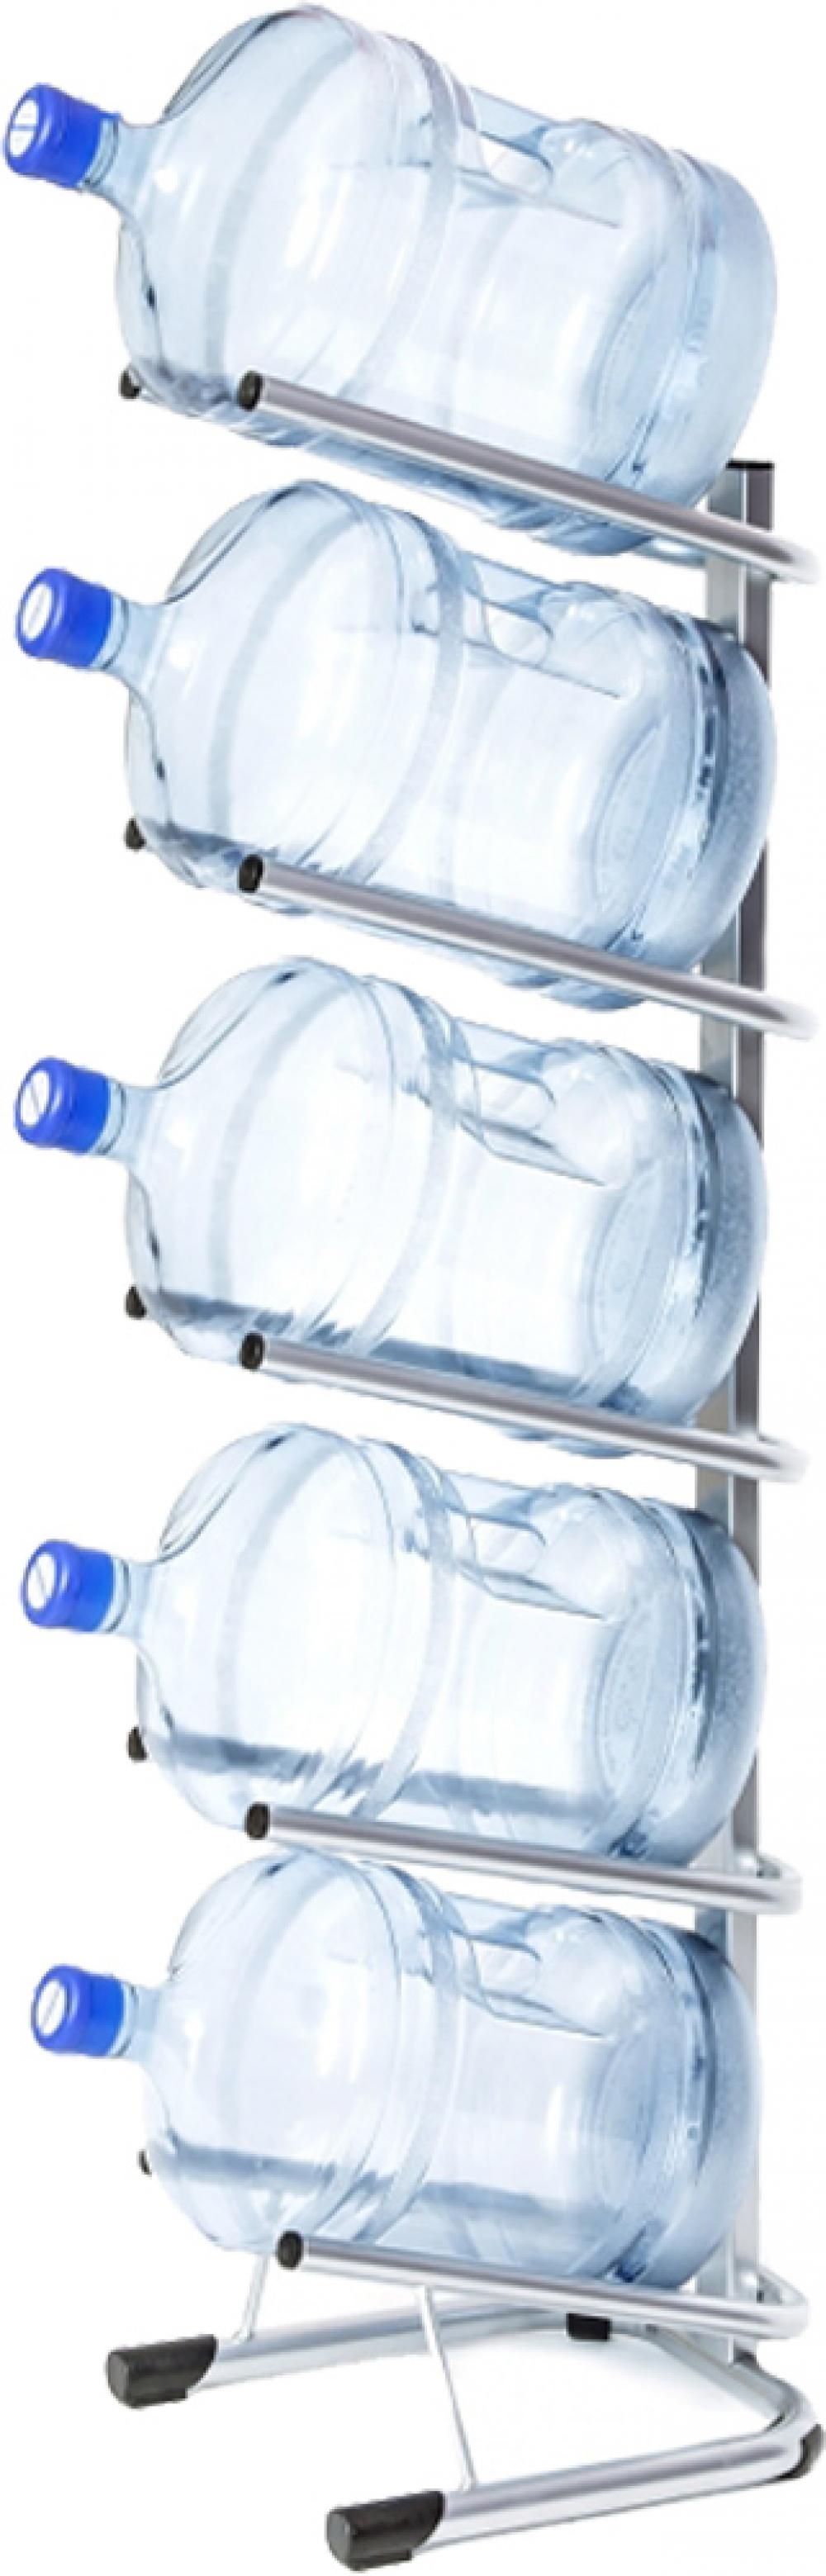 Стойка для 5 бутылей по 19 литров СРП серебро